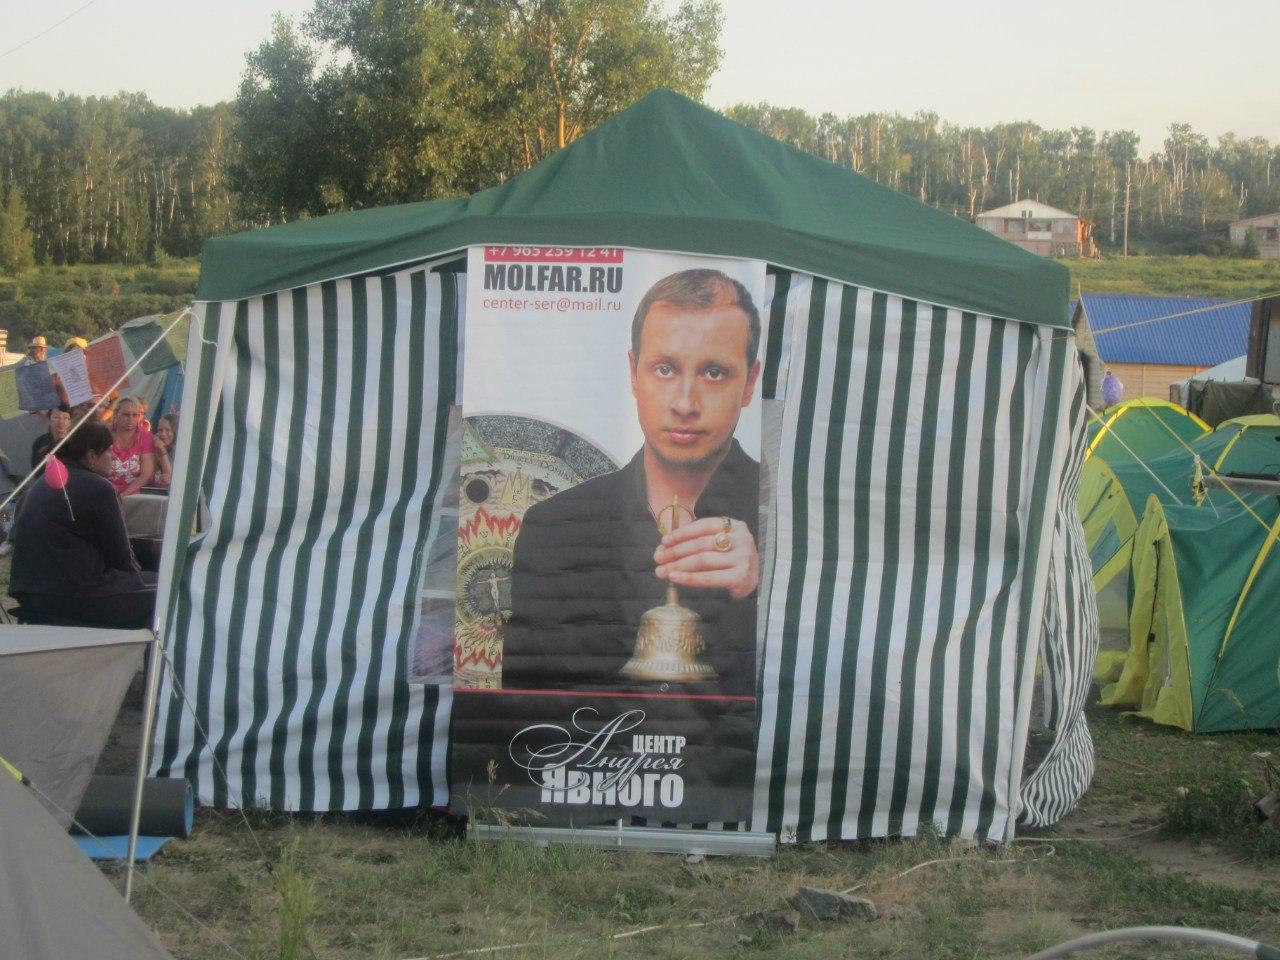 Паренёк с колокольчиком - Явный Андрей. (25.06.2013)